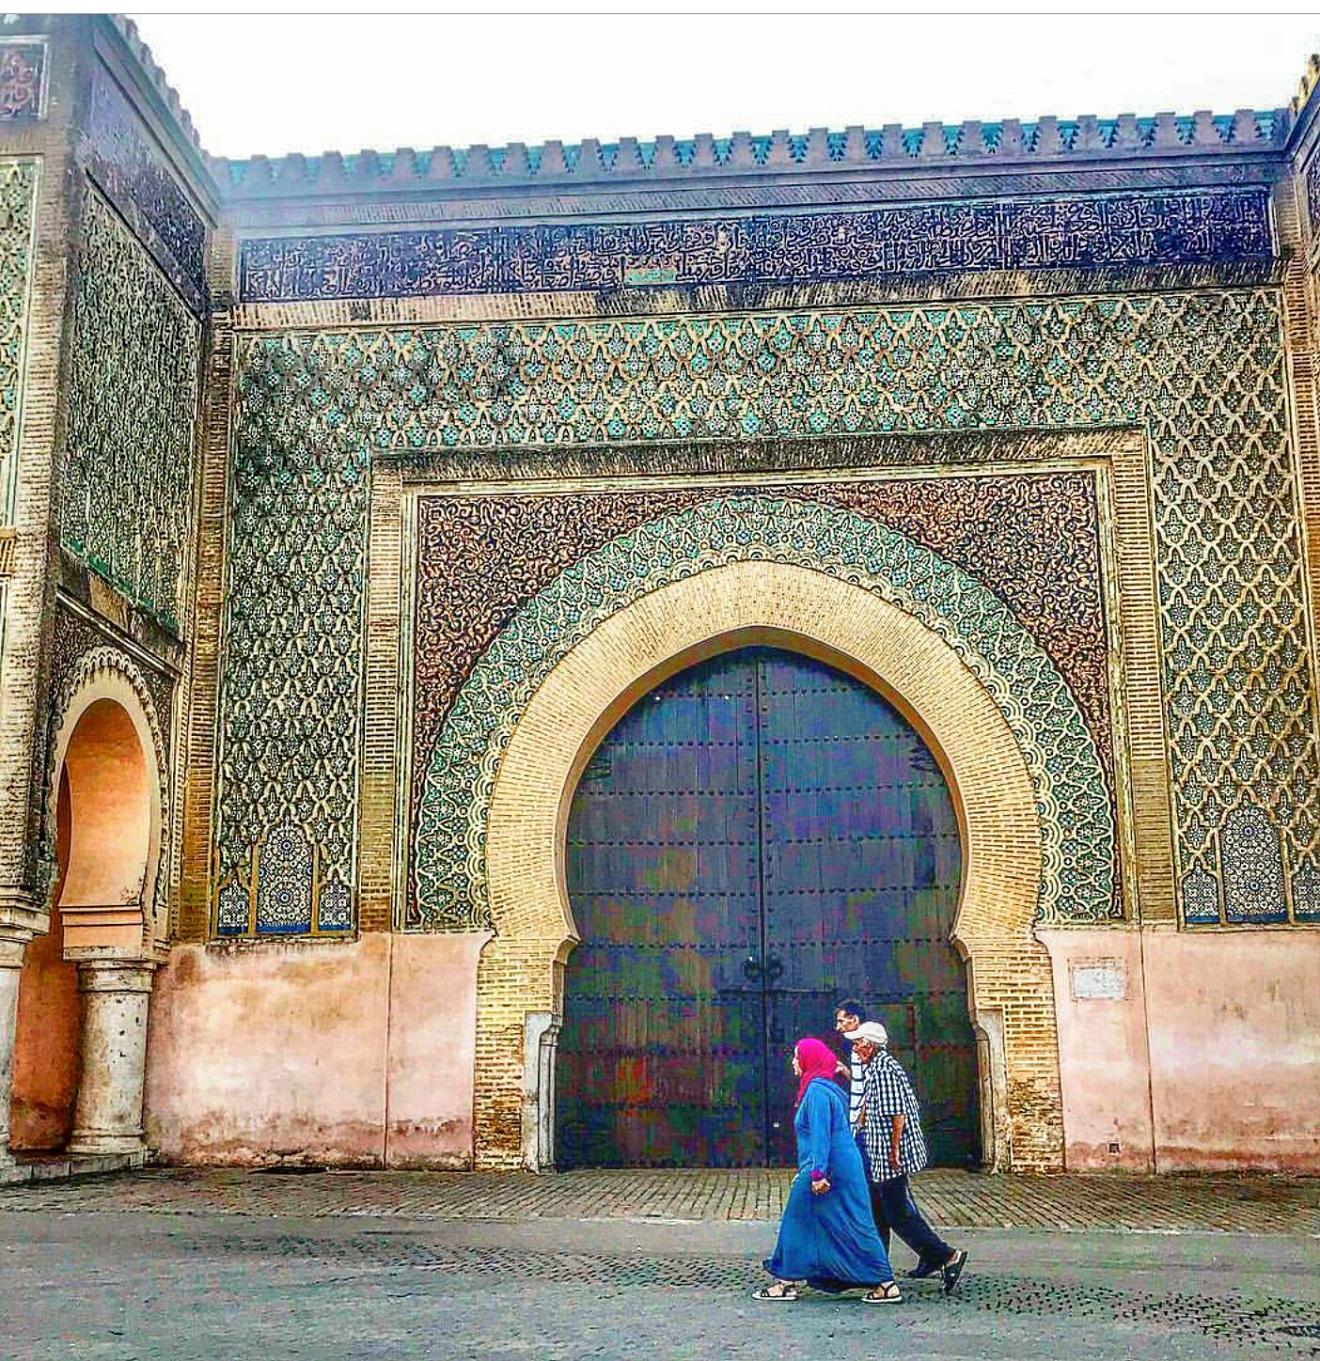 bab el mansour, kapija bab el mansour meknes, meknes, morocco, maroko